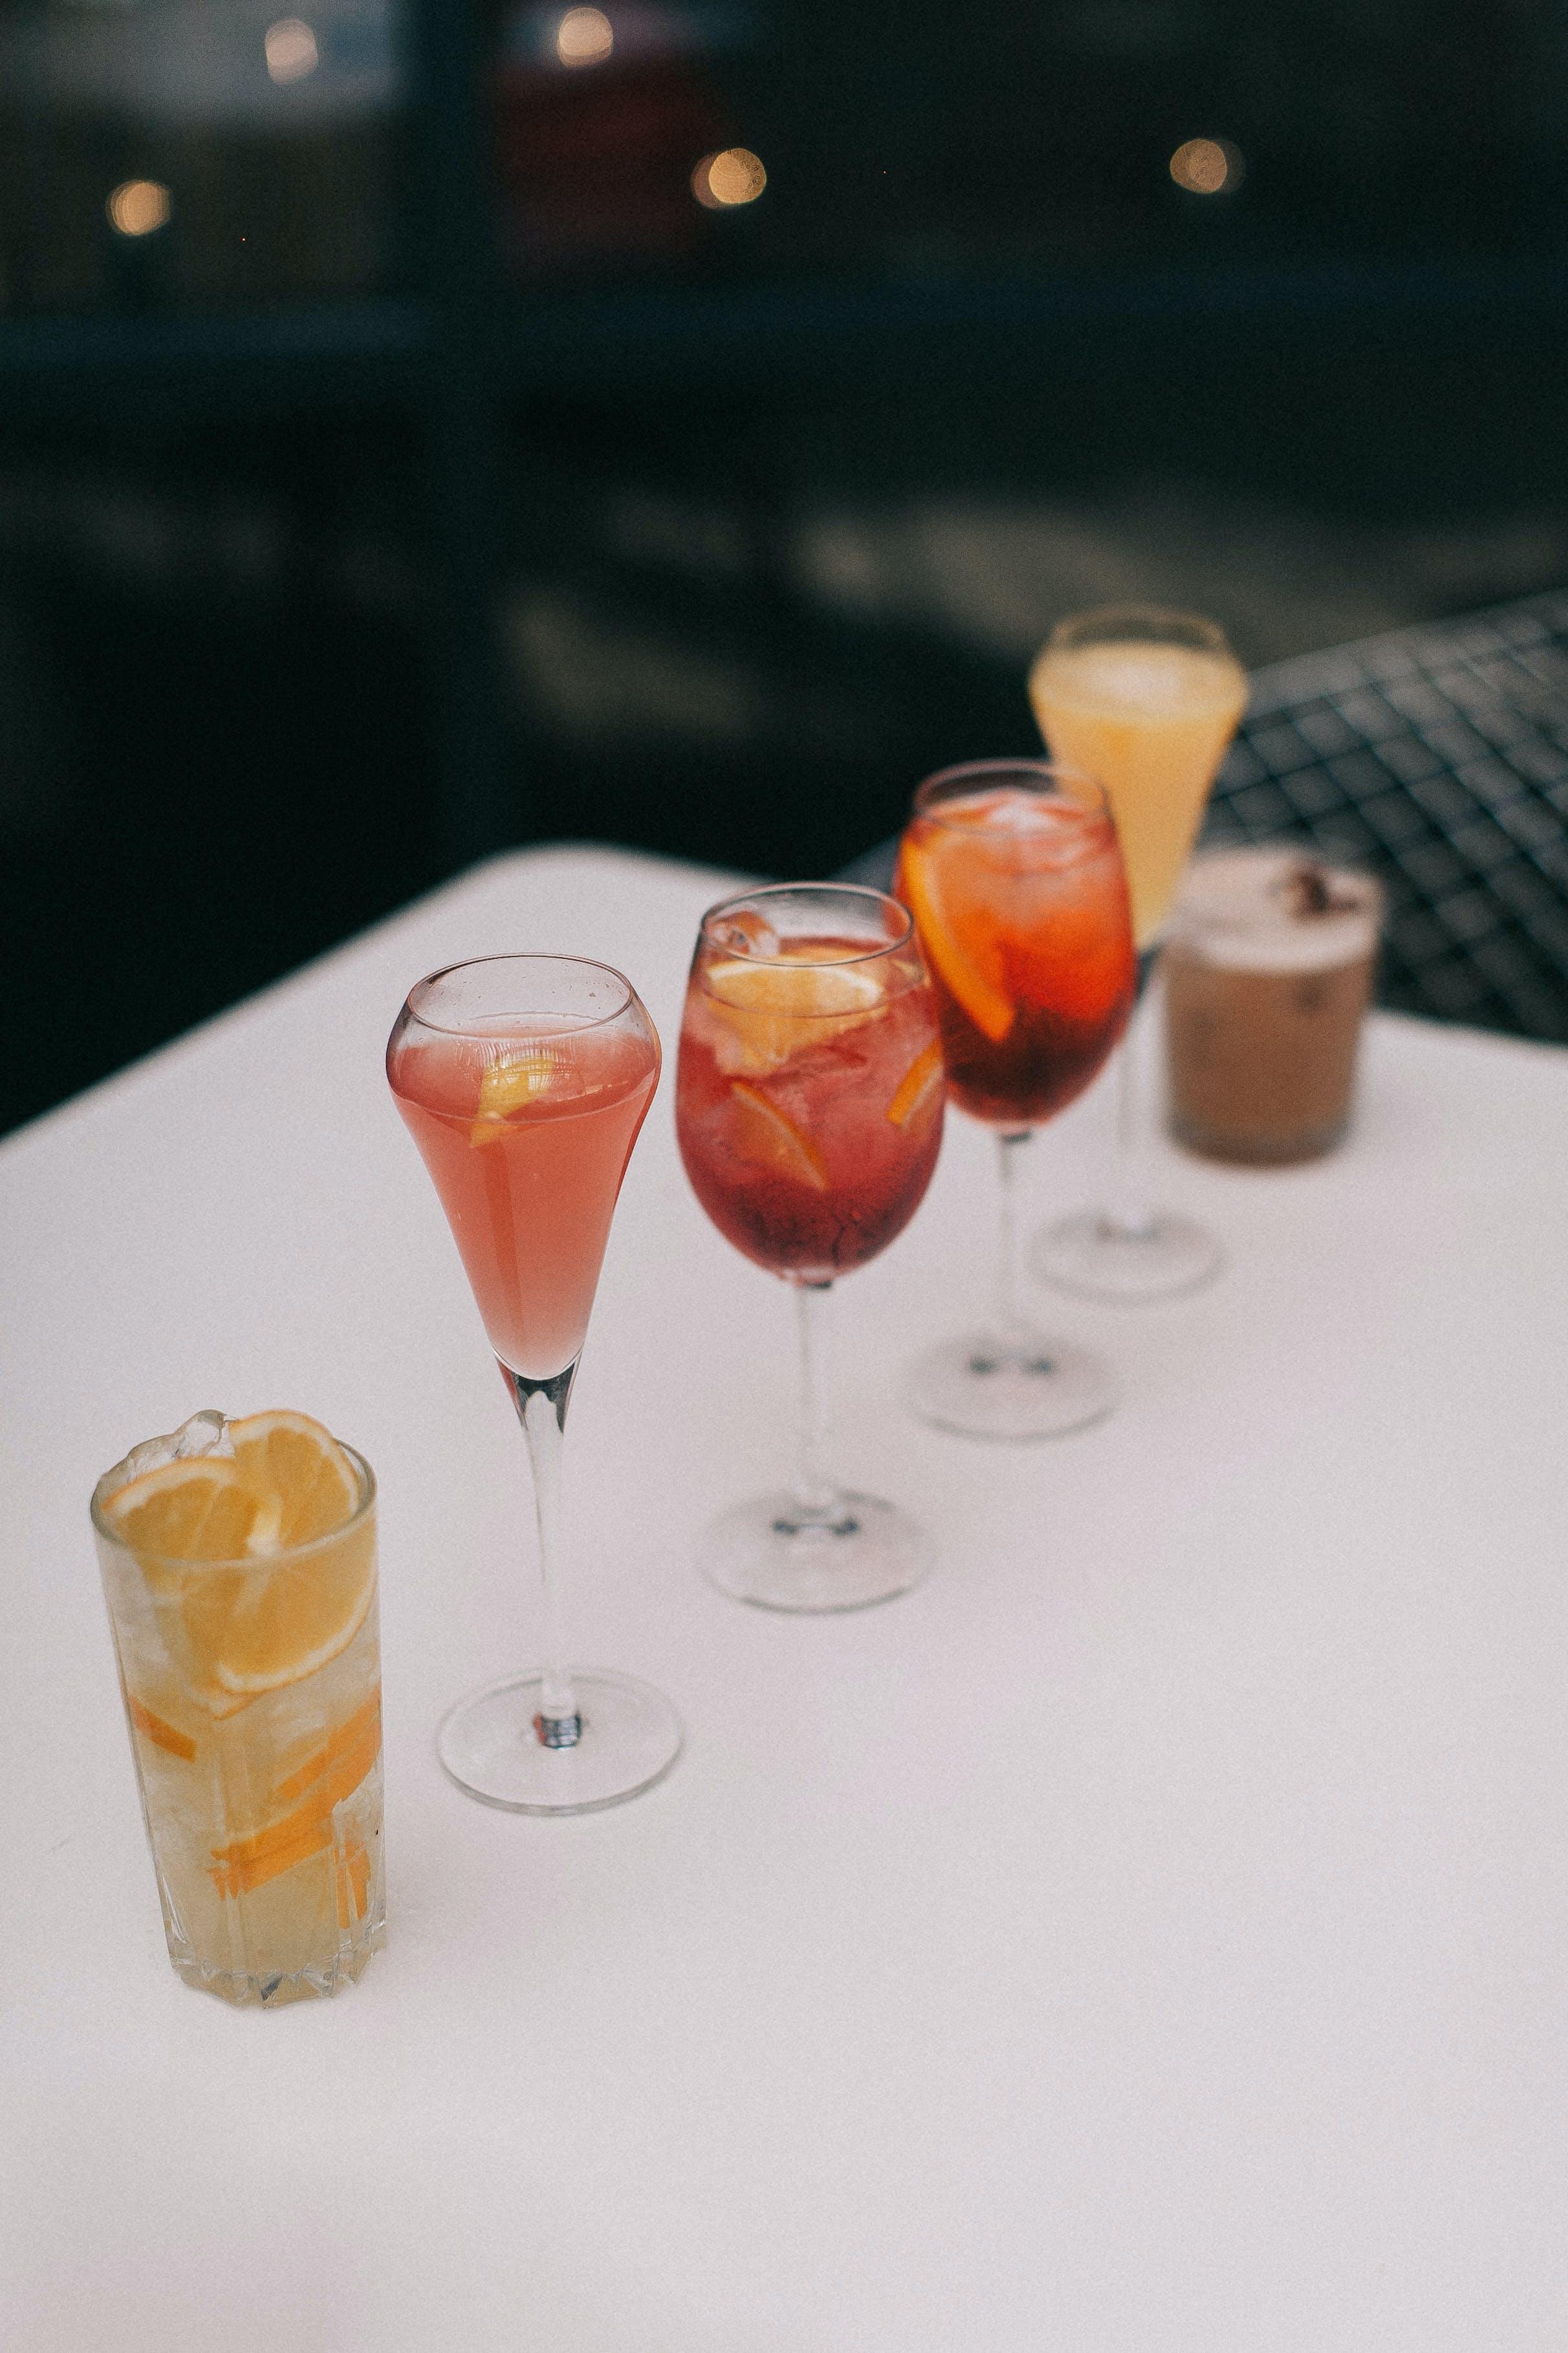 Δωρεάν στοκ φωτογραφιών με αλκοόλ, αλκοολούχο ποτό, αναψυκτικό, γκρο πλαν